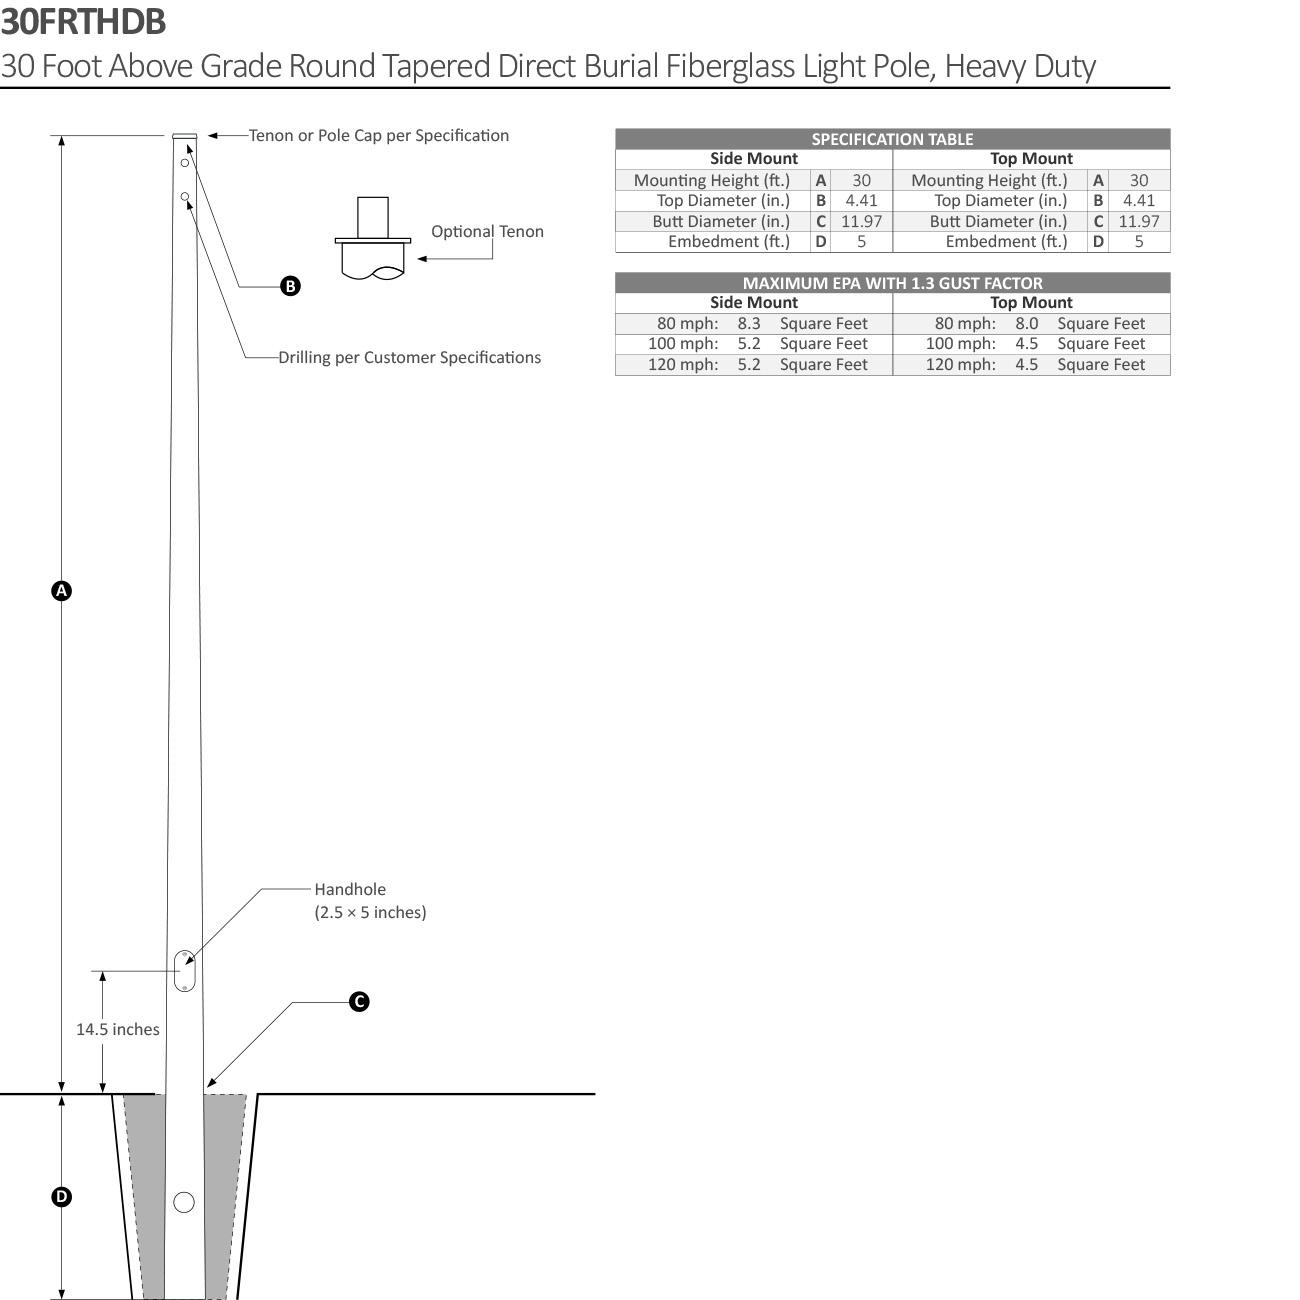 Round Tapered Direct Burial Fiberglass Light Pole 30 Ft Direct Burial Fiberglass Light Pole Lightmart Com